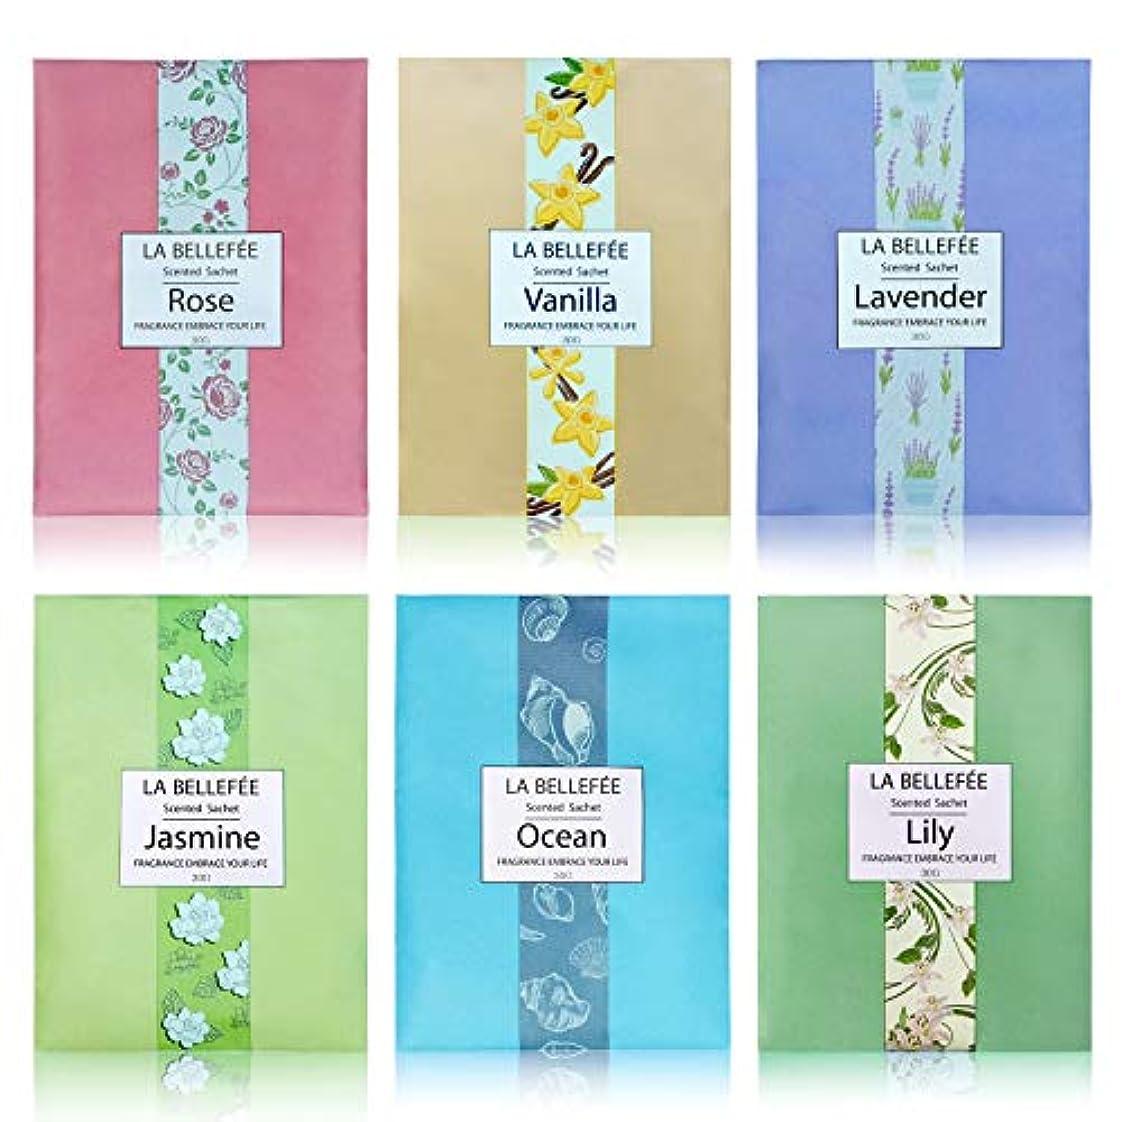 ぞっとするような仮定、想定。推測暫定のLA BELLEFÉE 香り袋 サシェ フレンチマカロン 匂い袋 アロマ袋 香りサシェ 着物用 芳香剤 におい良い 花の香り 車内用 玄関用 部屋用 アロマブクロ 6種類の香り